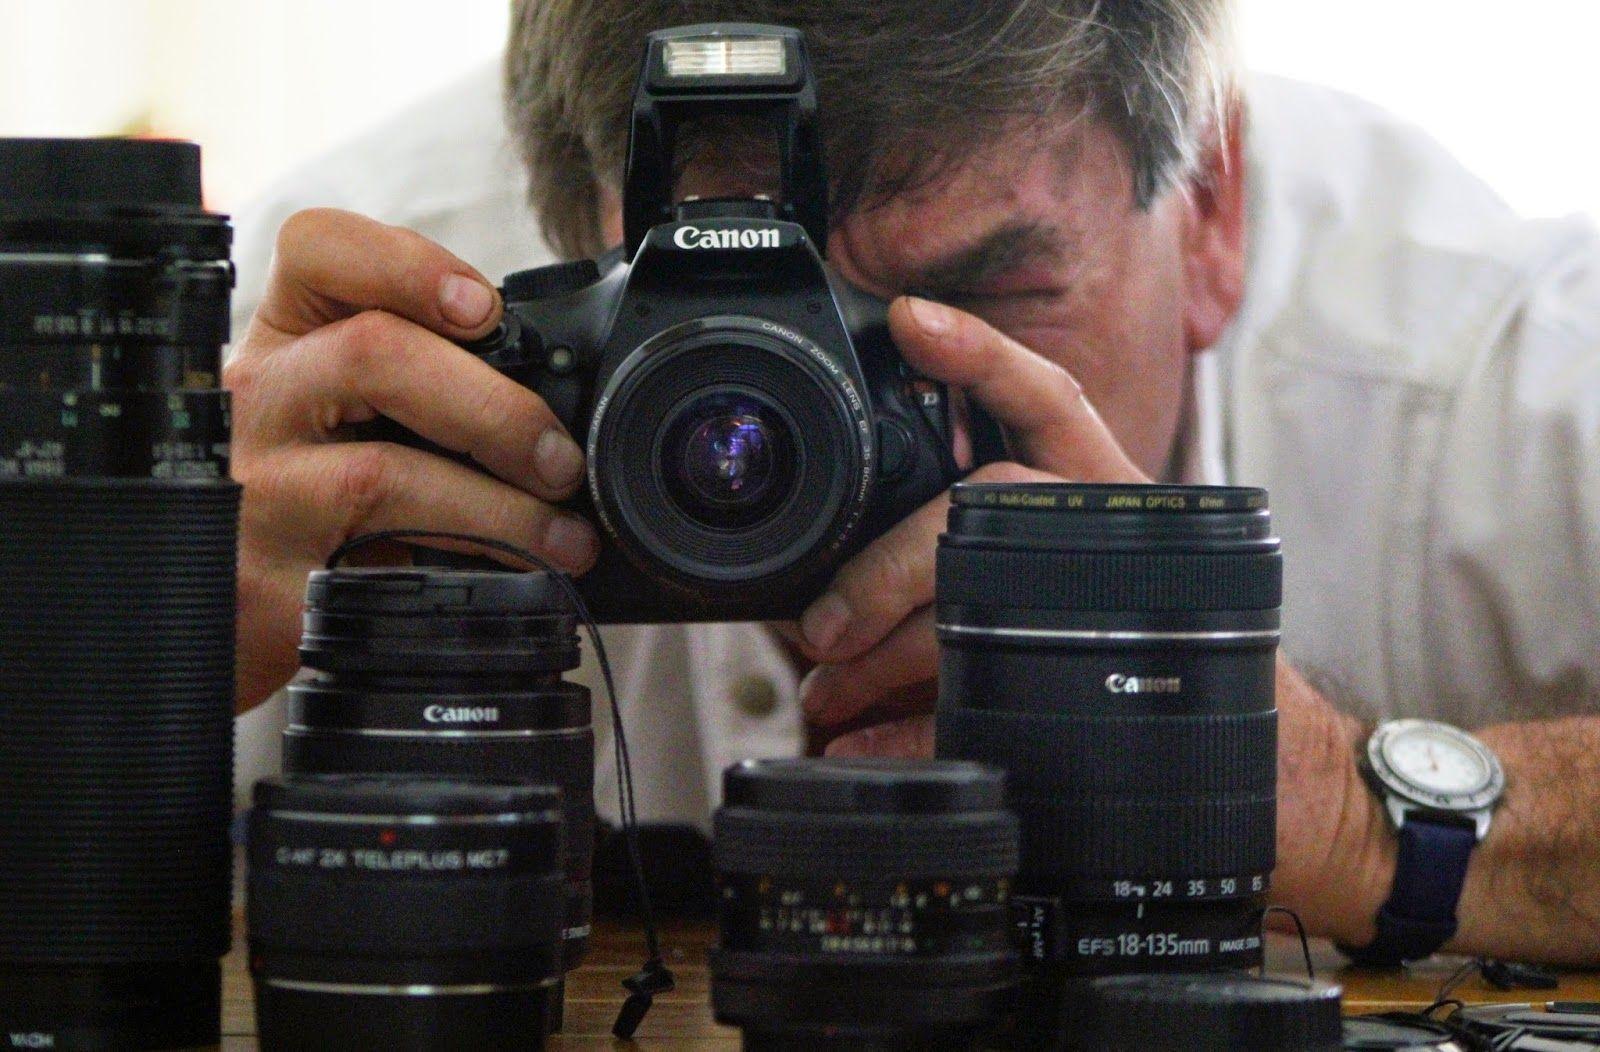 ZOOM FOTOGRÁFICO : ¿Está usted recién comenzando en la fotografía?